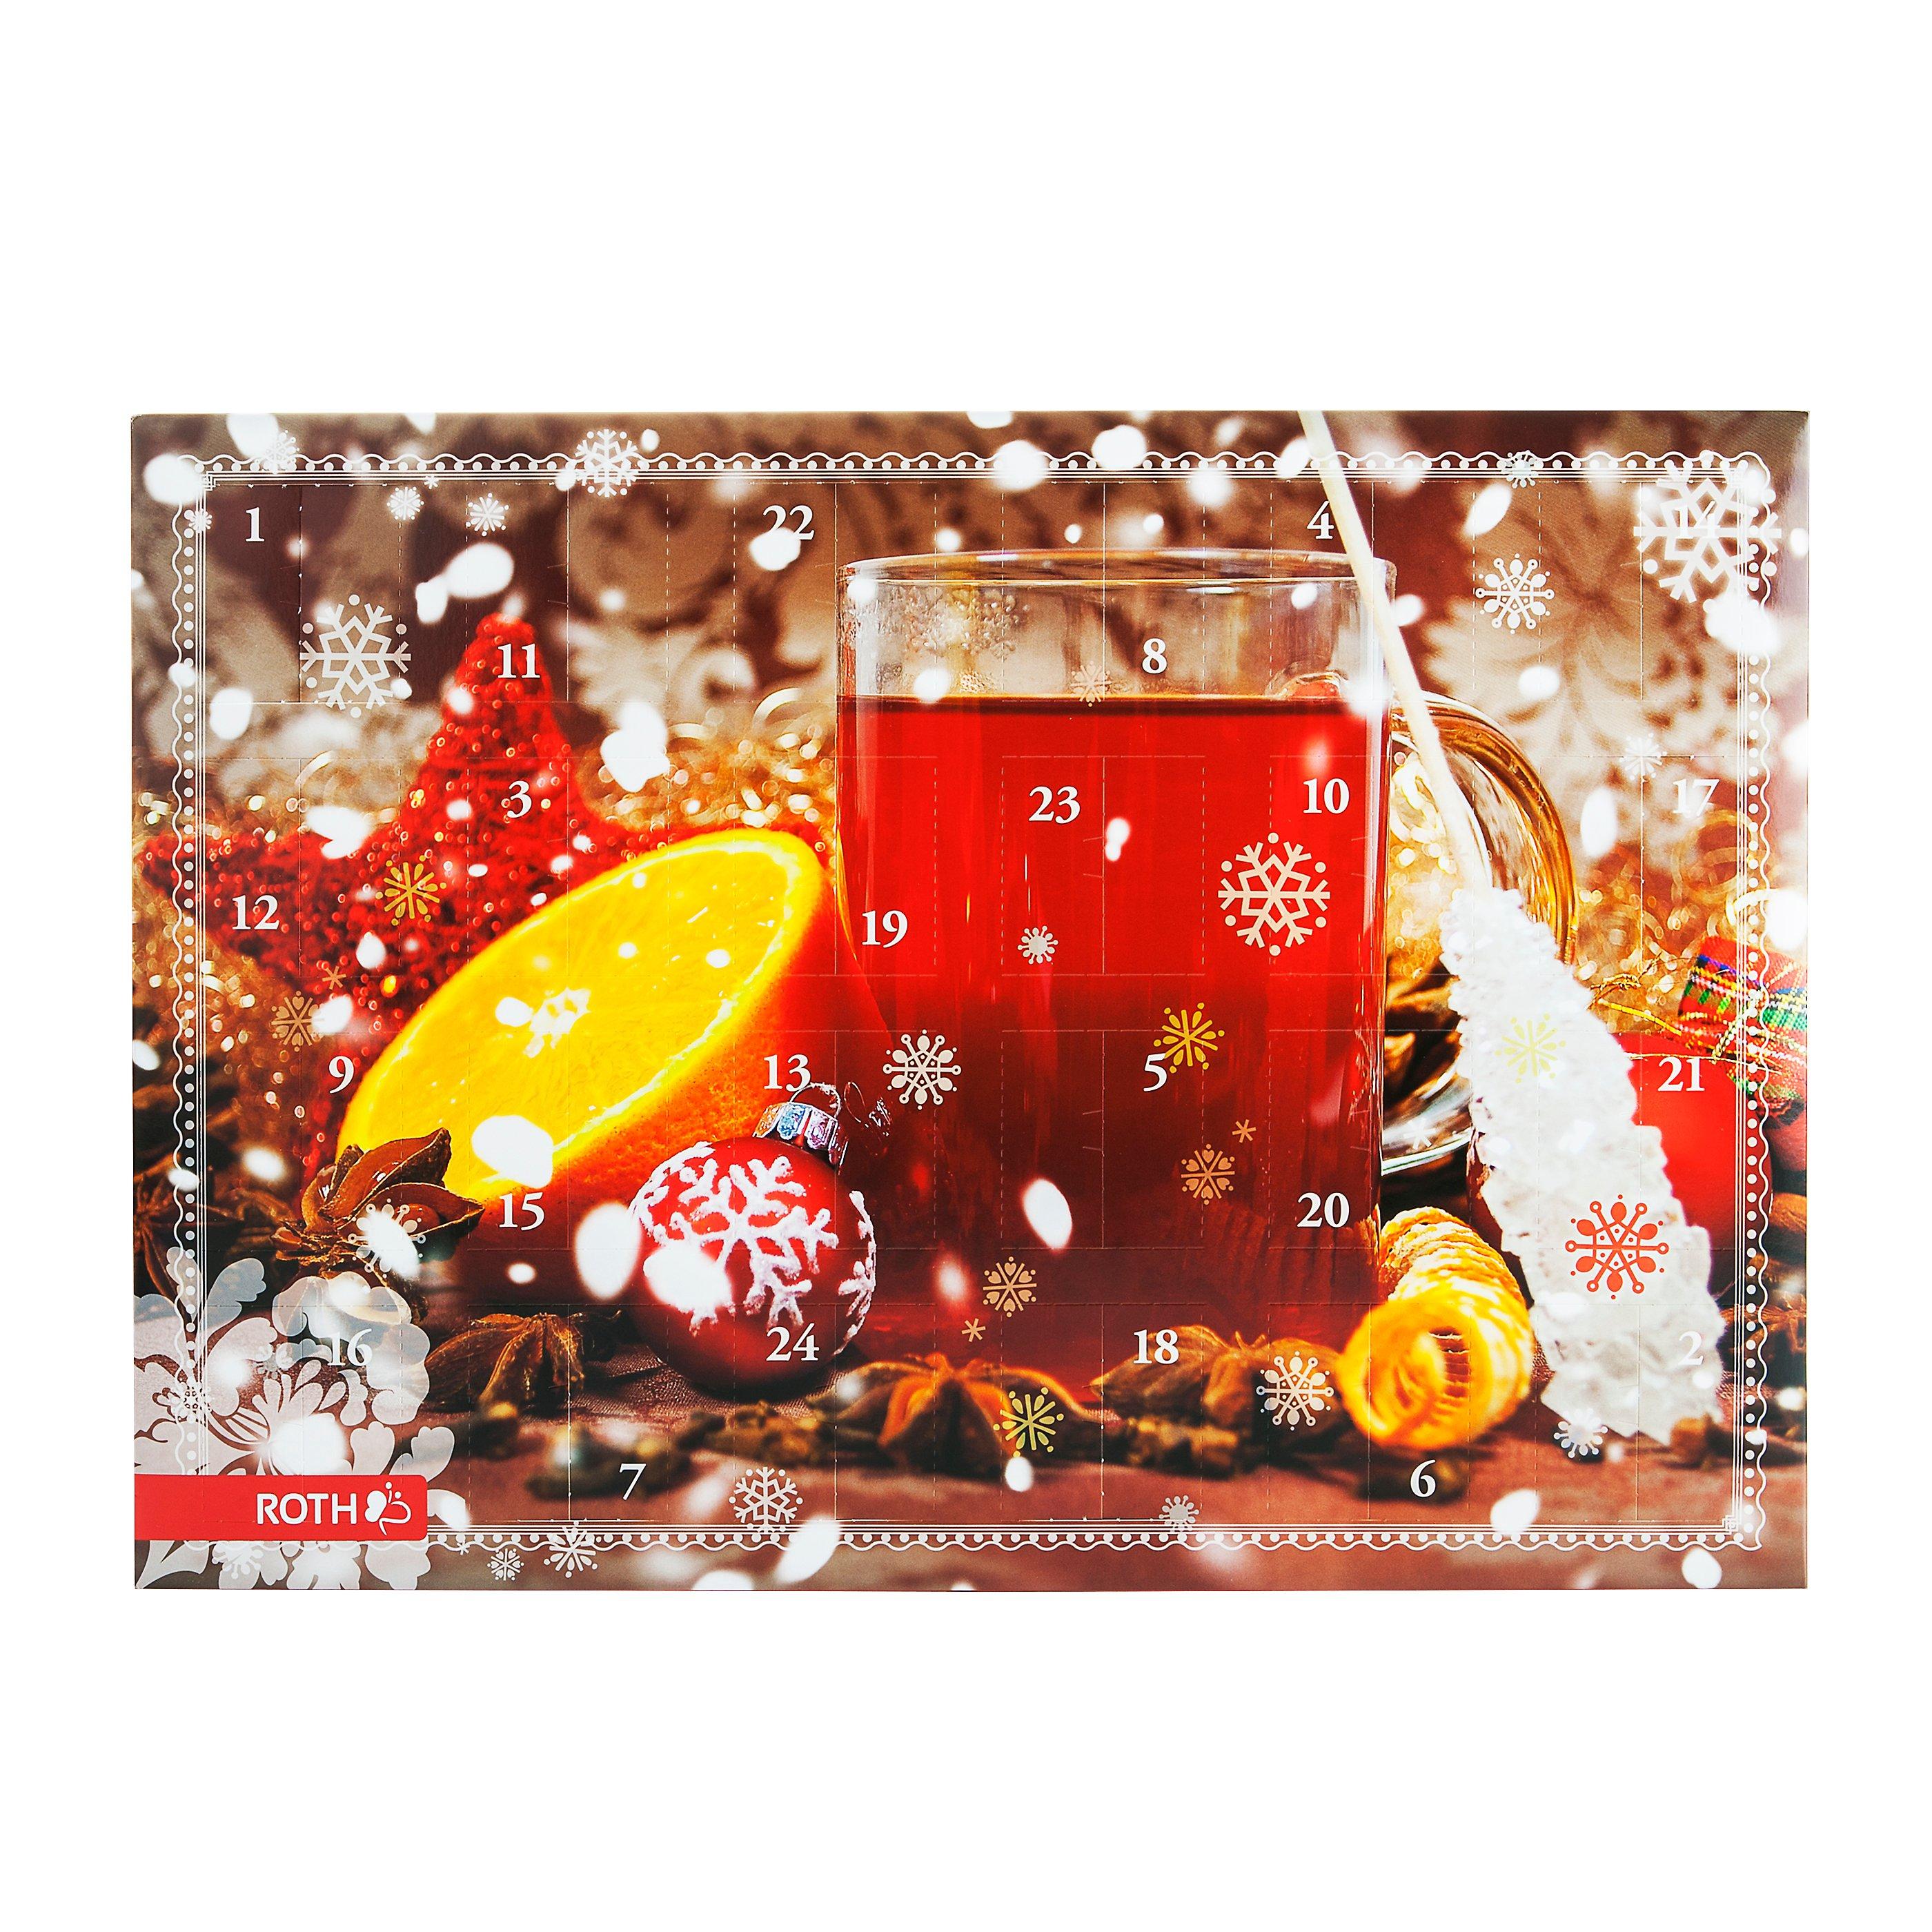 Weihnachtskalender Tee.Tee Adventskalender Tee Wohlfühlmomente Kalender Bestellen